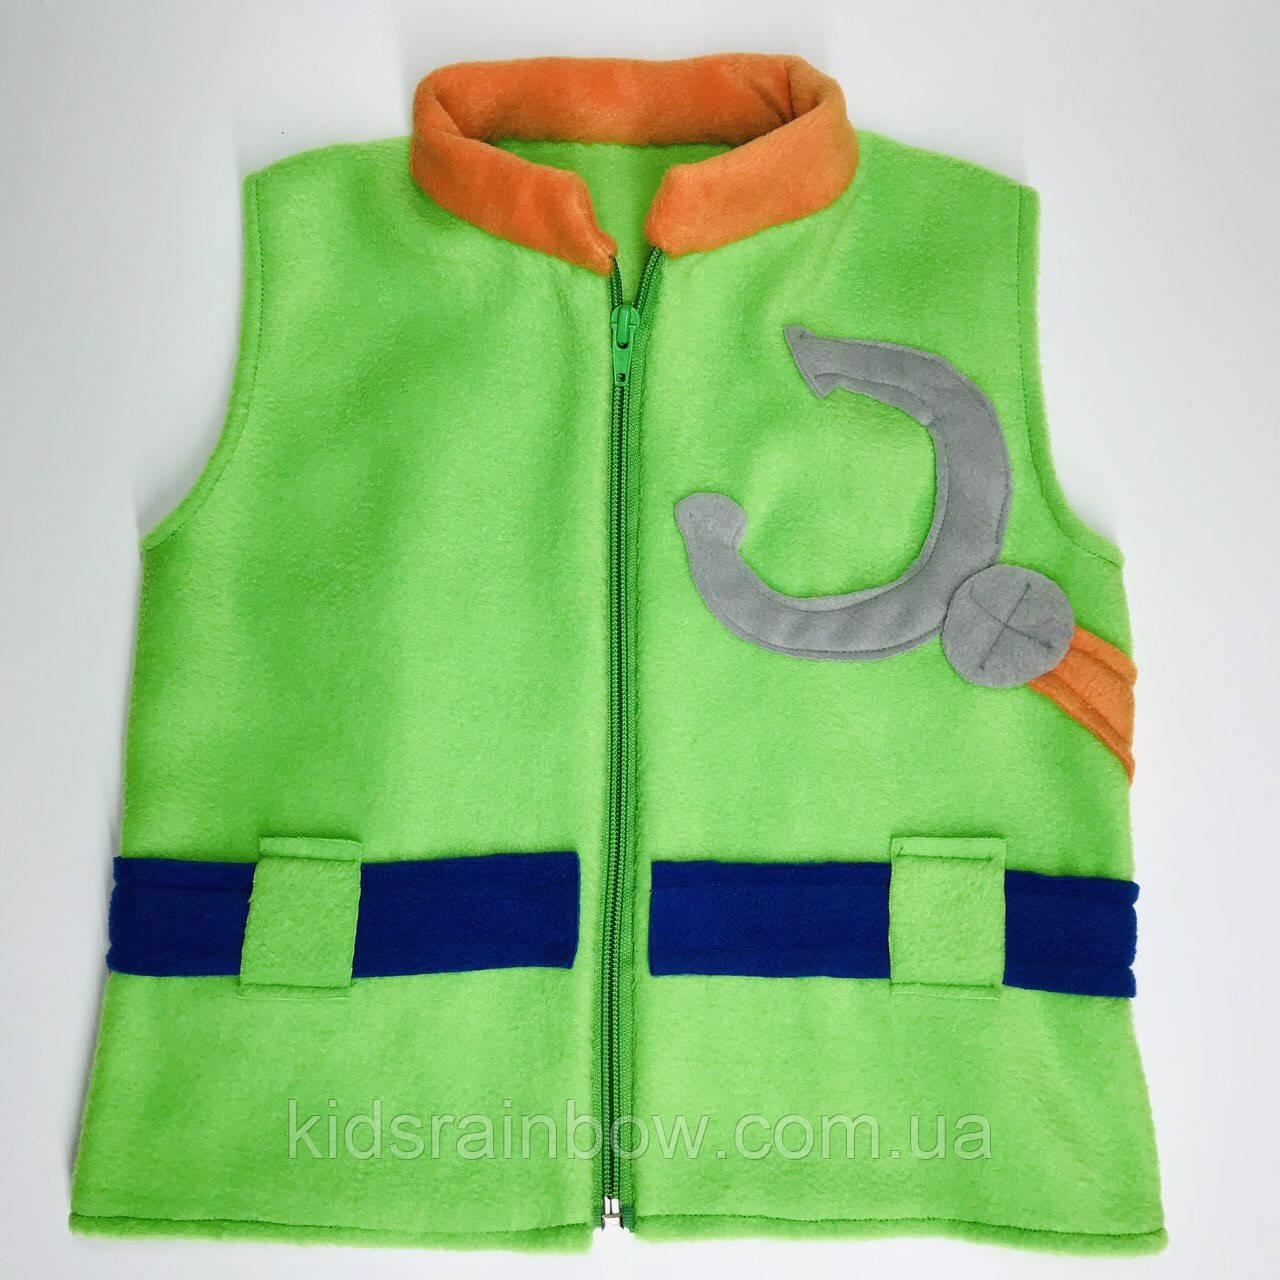 Флисовая жилетка костюм героев Щенячий патруль Рокии